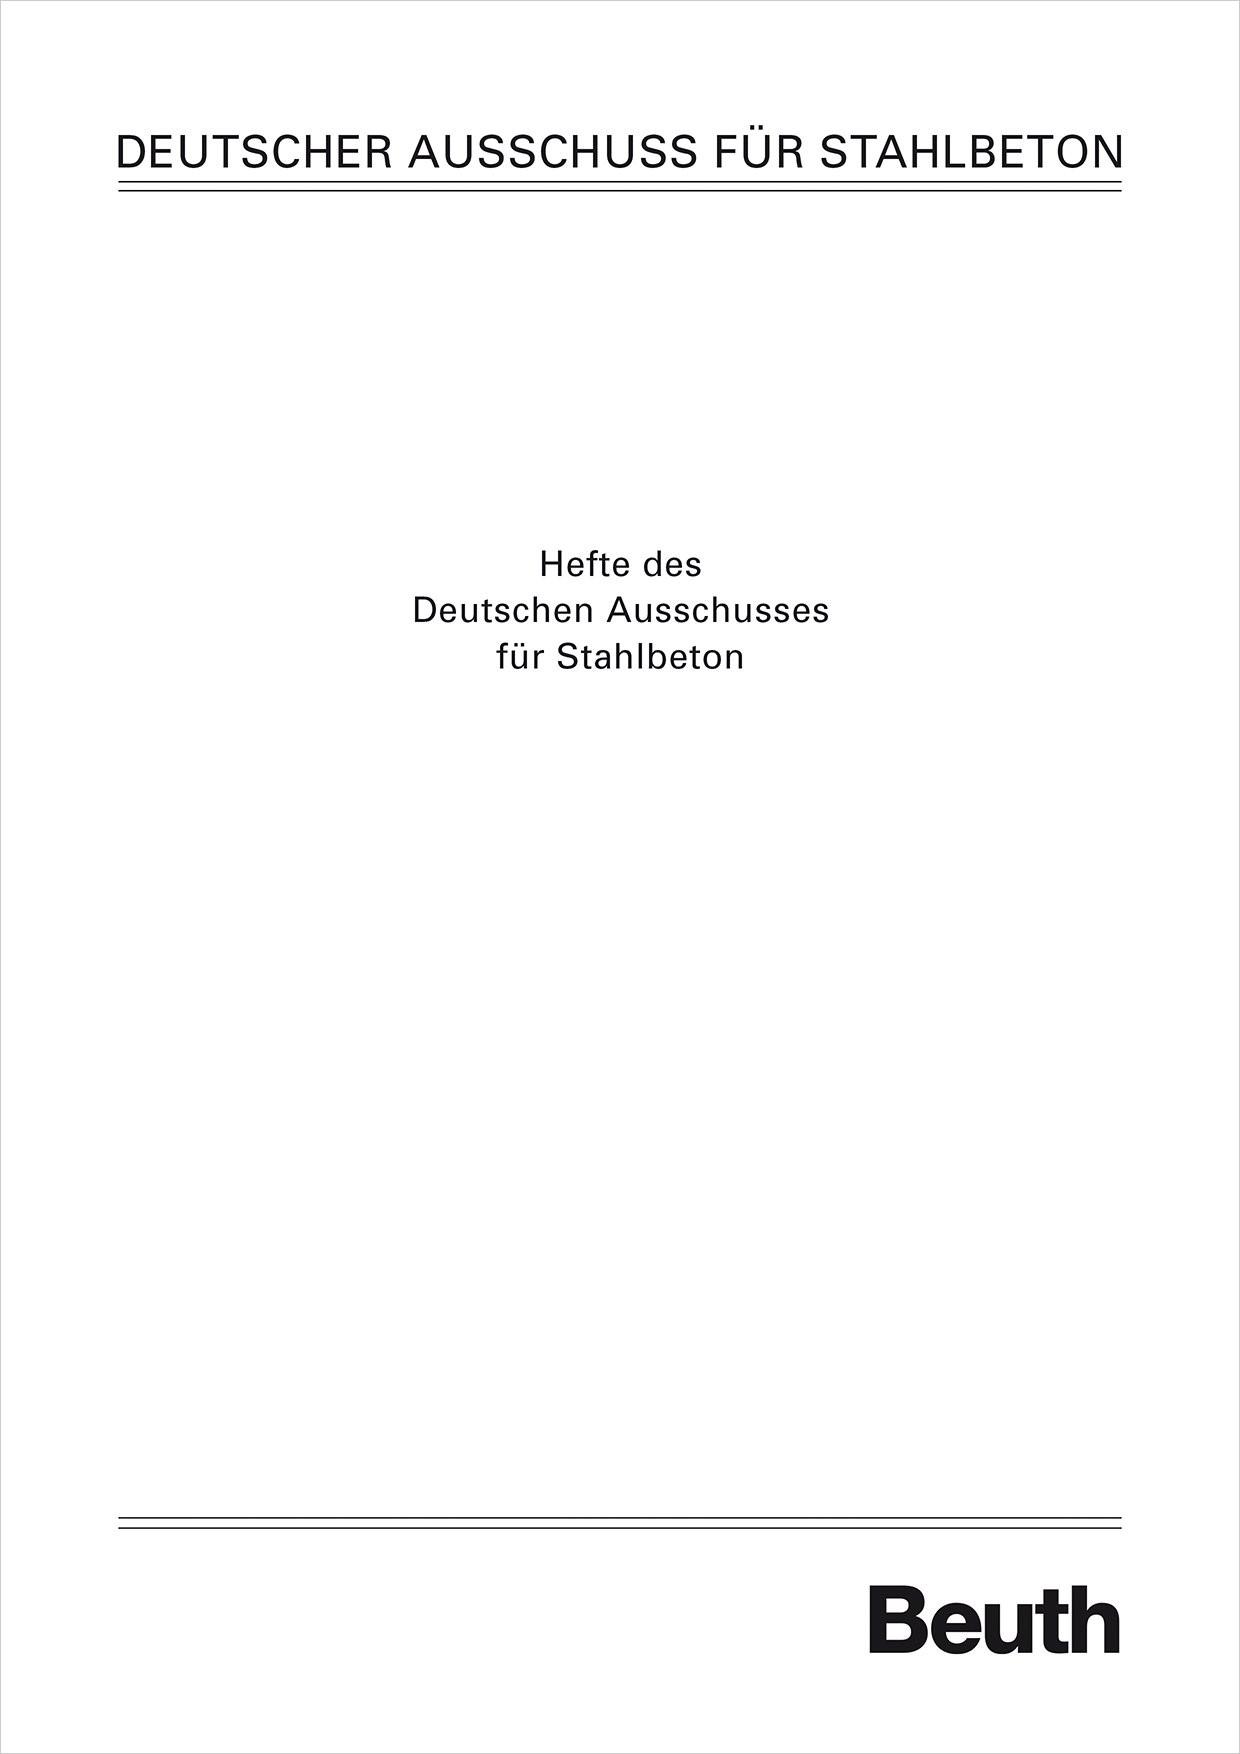 Sachstandsbericht | Branneshuber /  / Graubner, 2002 | Buch (Cover)